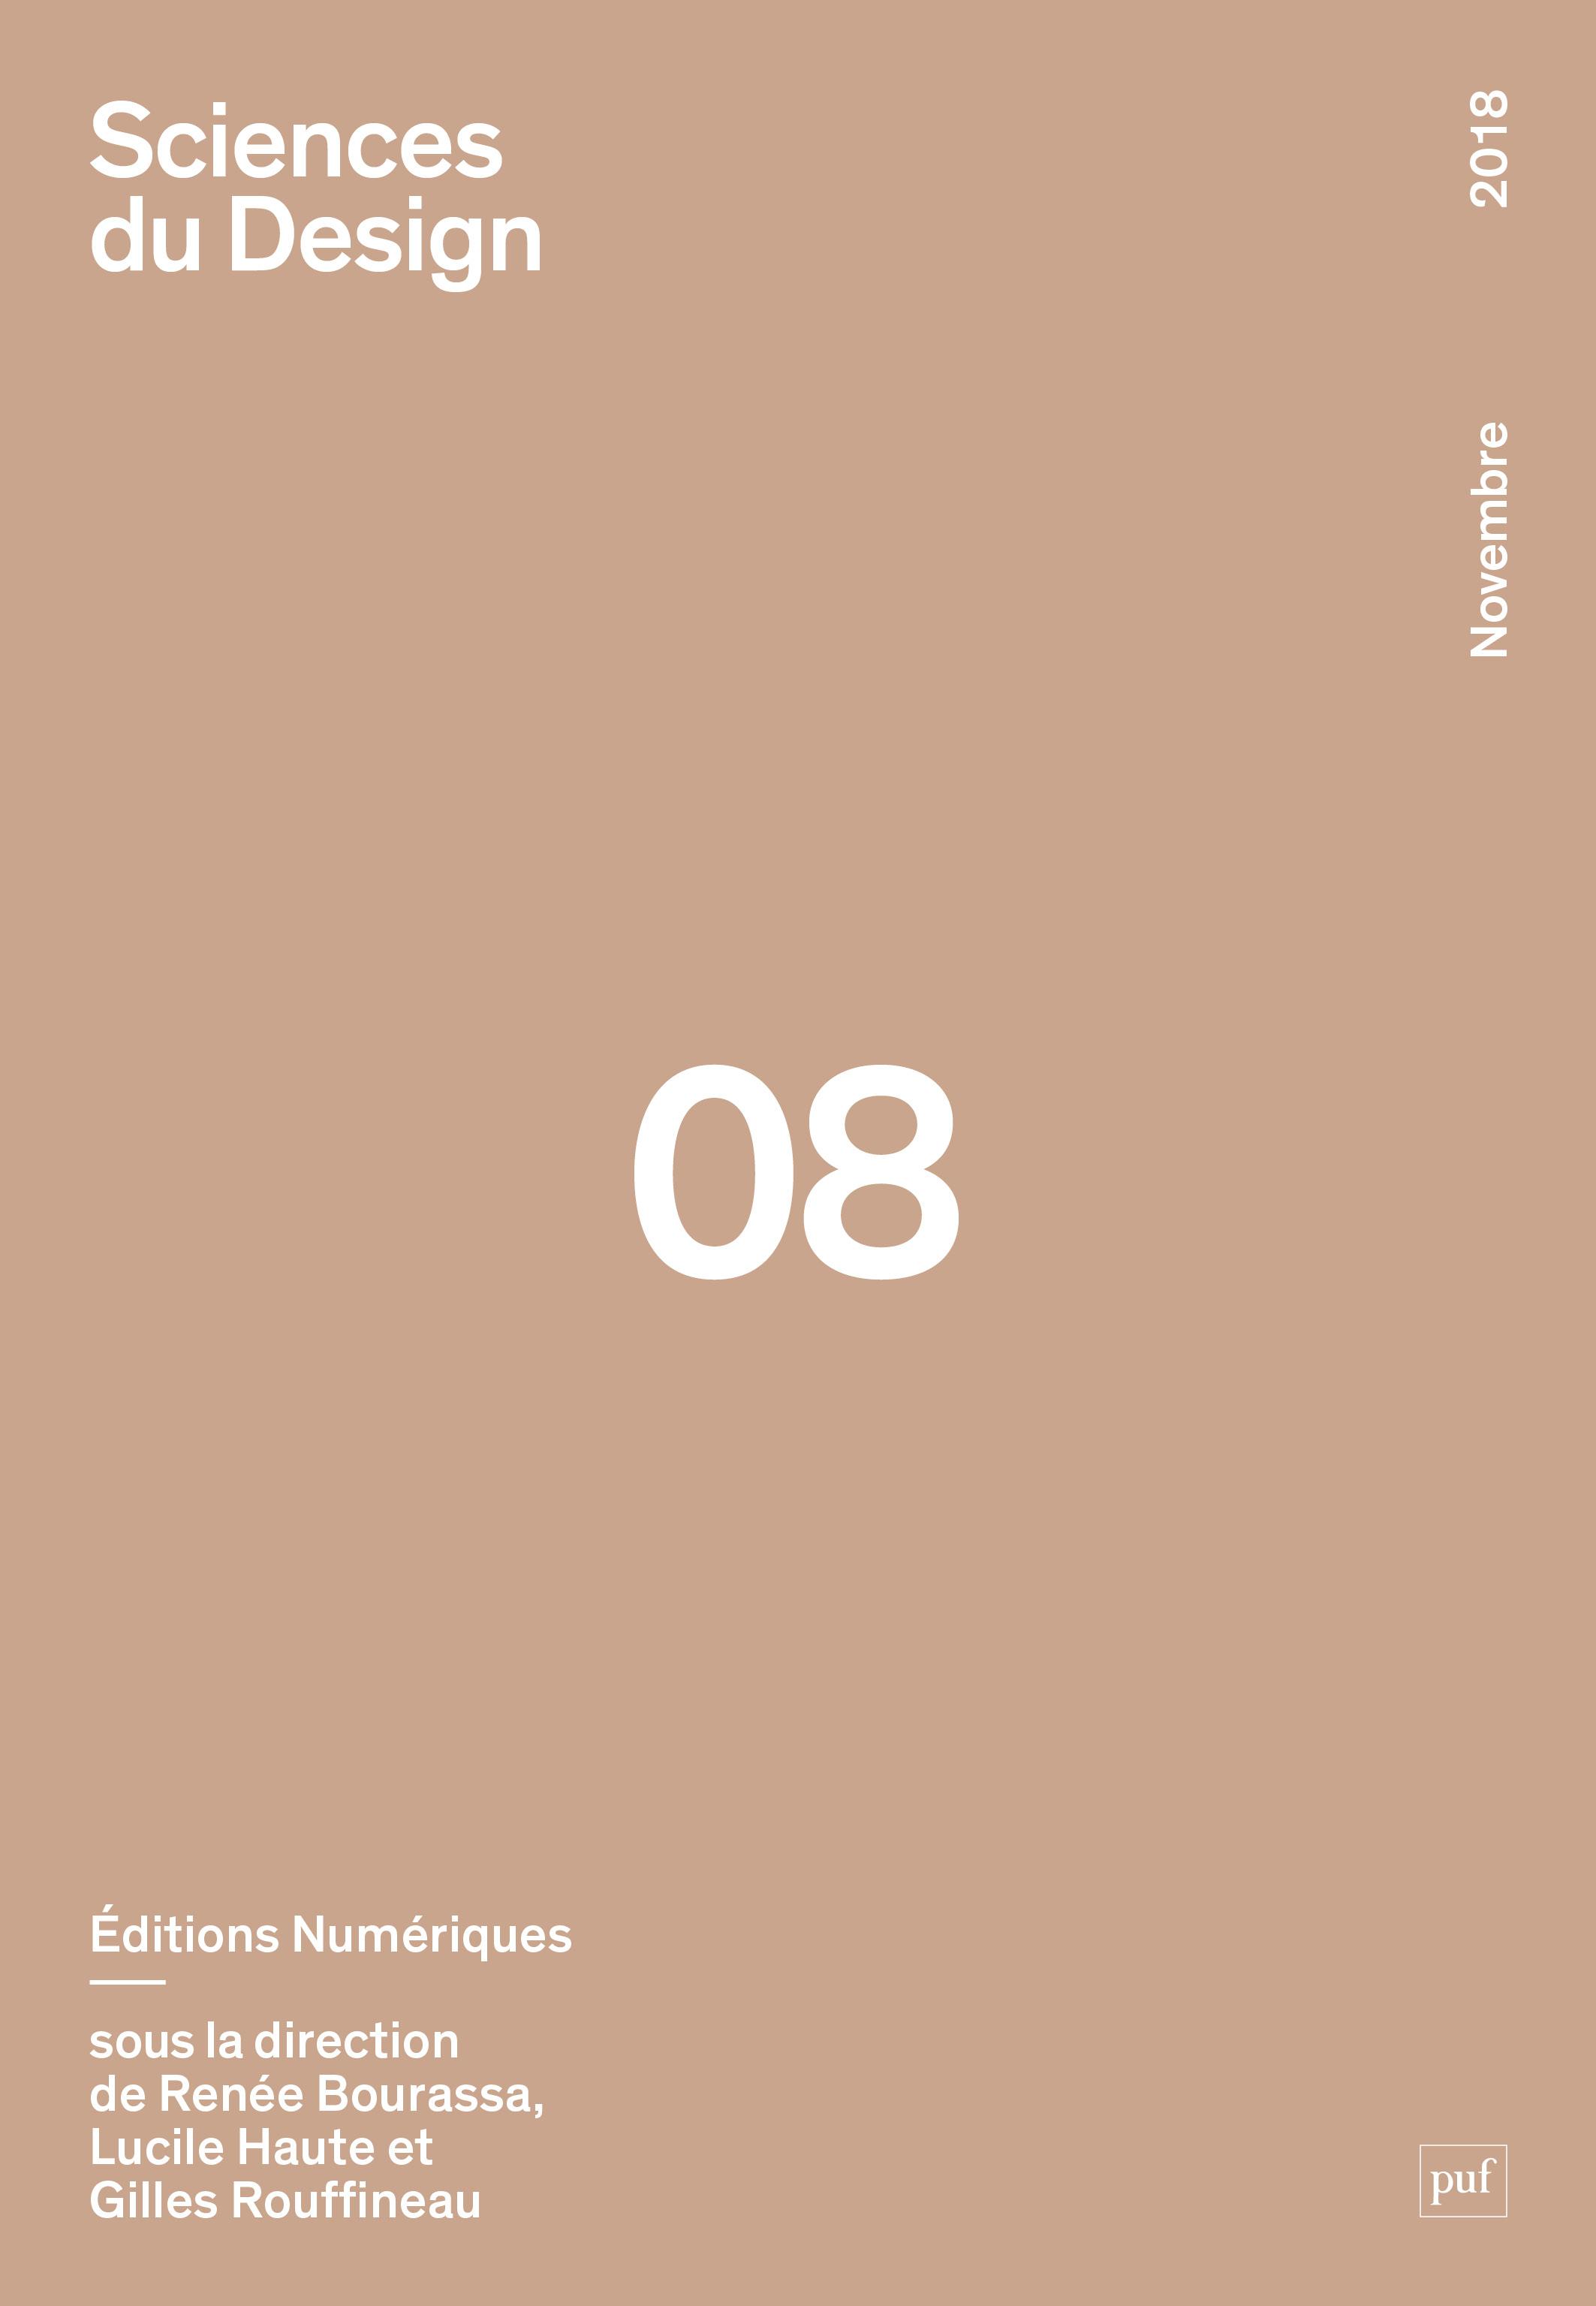 Sciences du design 08 Éditions numériques